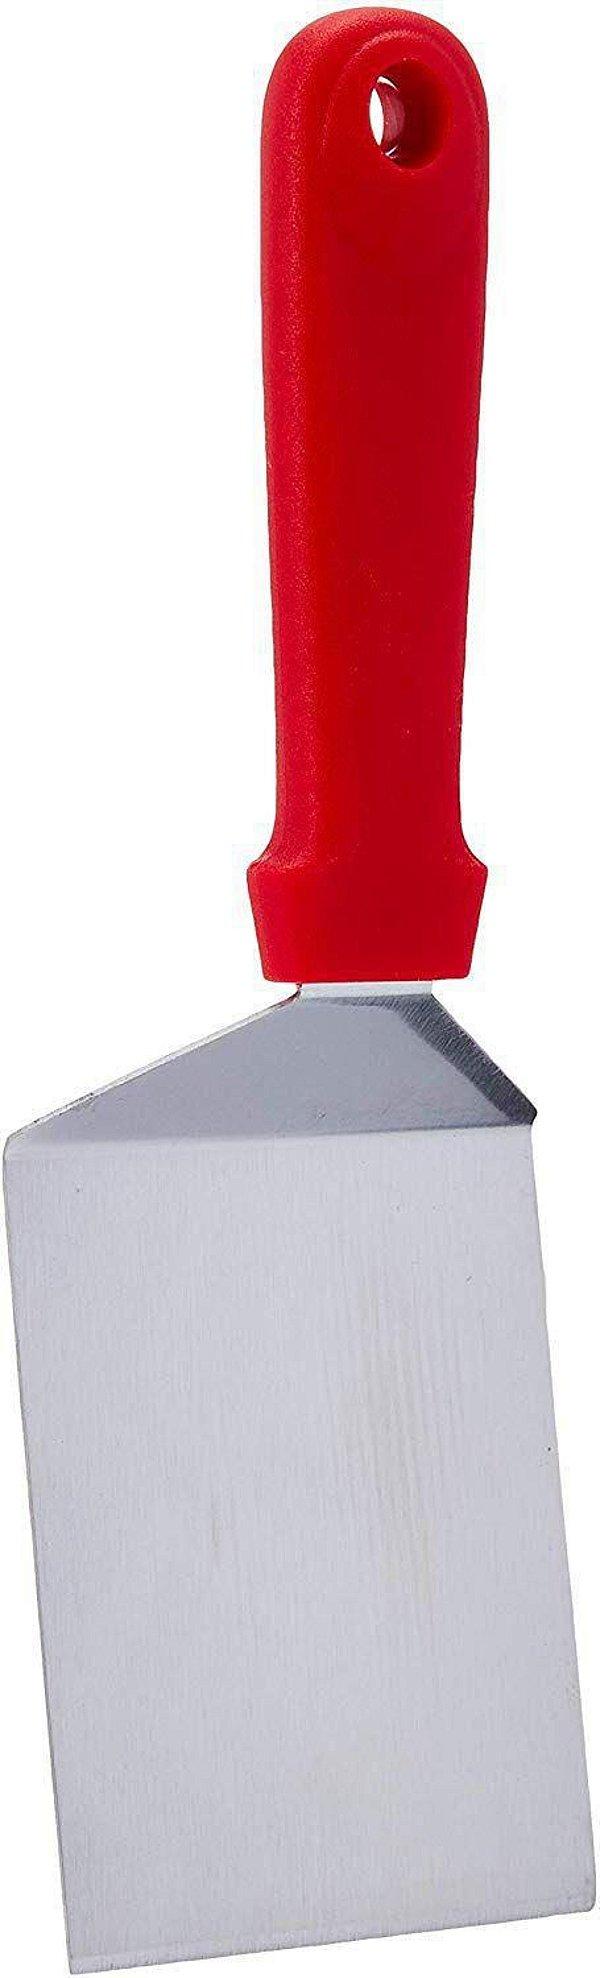 Espátula de confeitaria angular ASA1782 Mimo